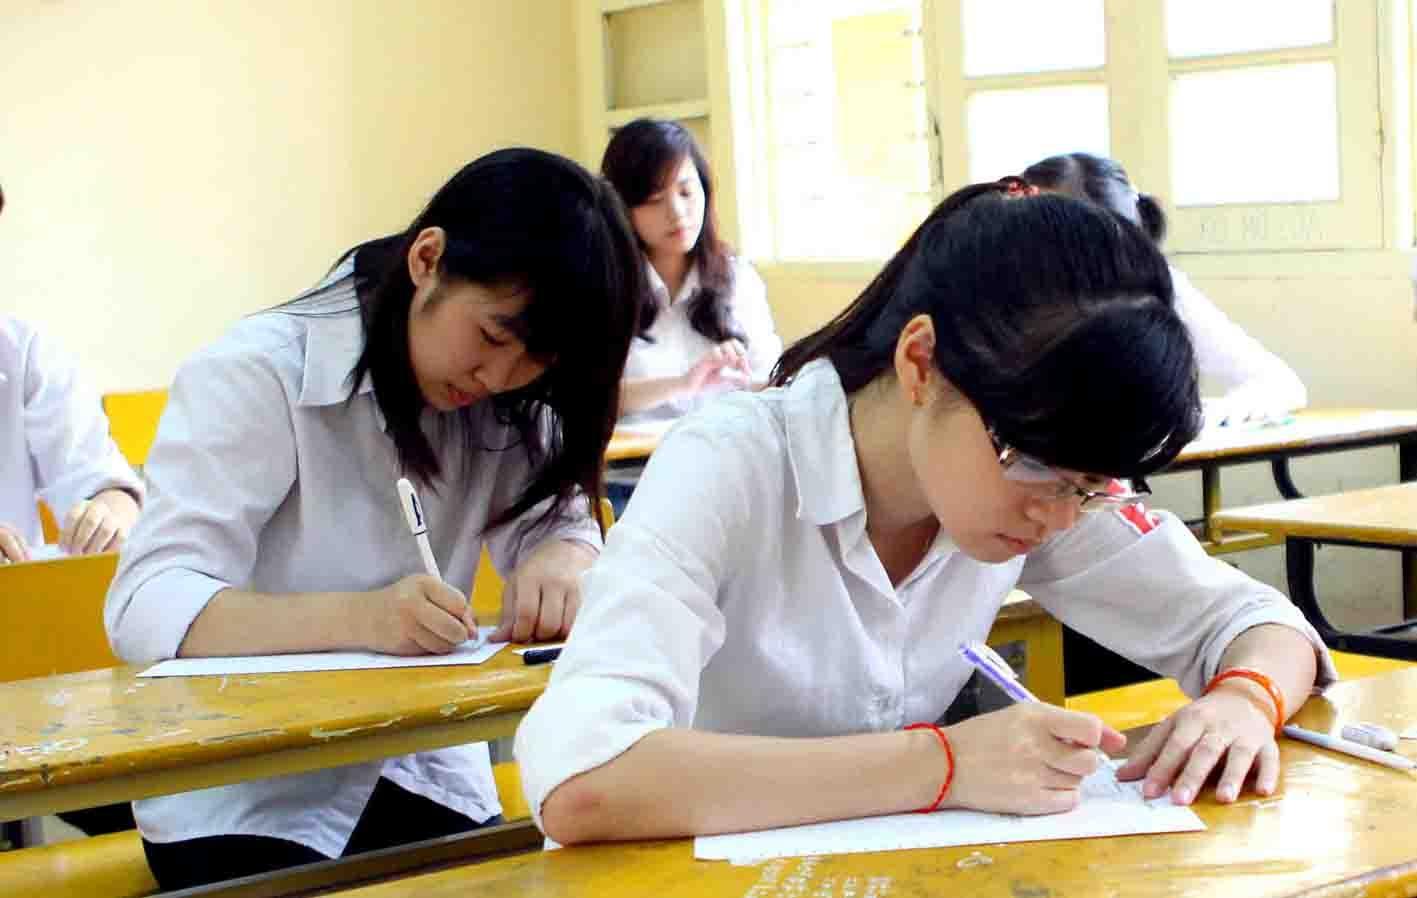 Sẽ gộp thi tốt nghiệp THPT và CĐ, ĐH làm một kỳ thi chung từ năm 2015? 5